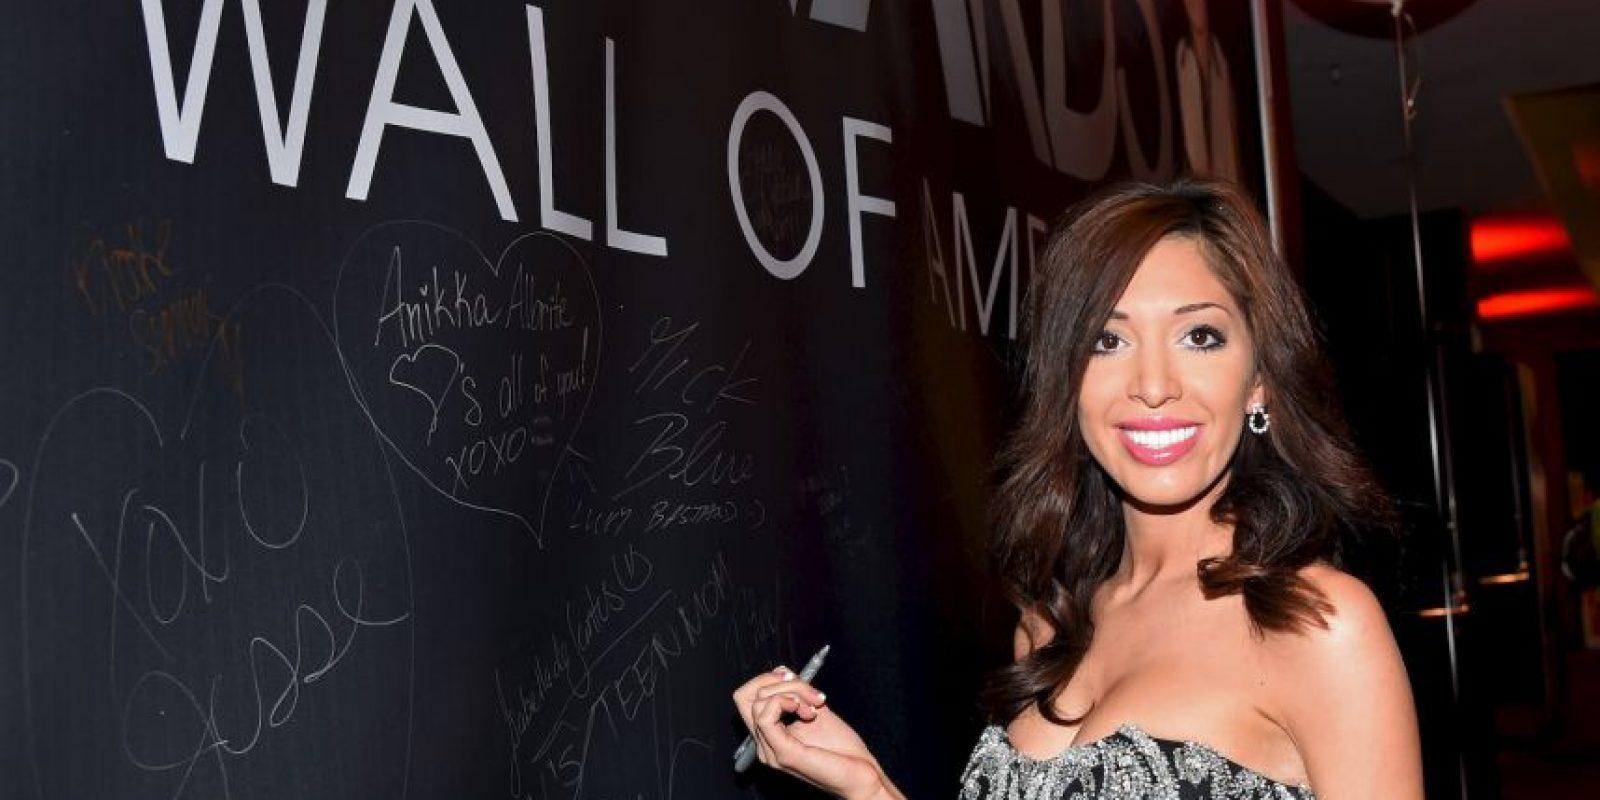 11. La actriz con más parejas sexuales en un día se llama Lisa Sparks, con 919 personas. Foto:Getty Images